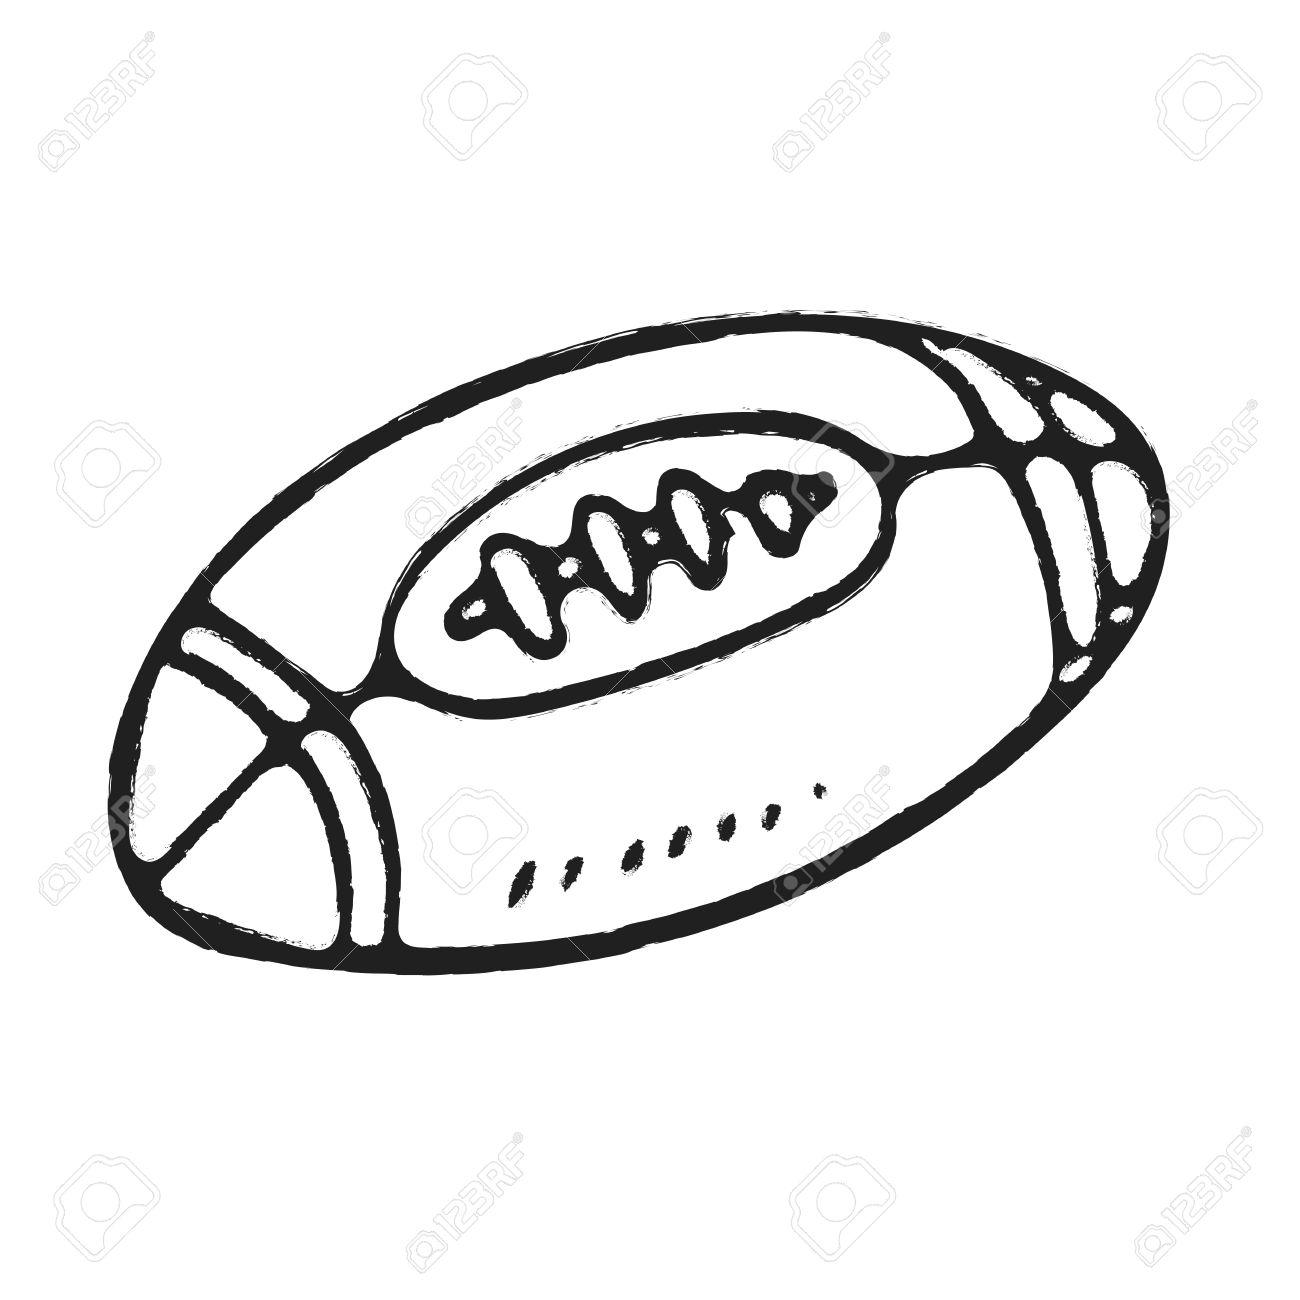 Hand zeichnen rugby ball oder american football isoliert illustration auf weißem hintergrund standard bild